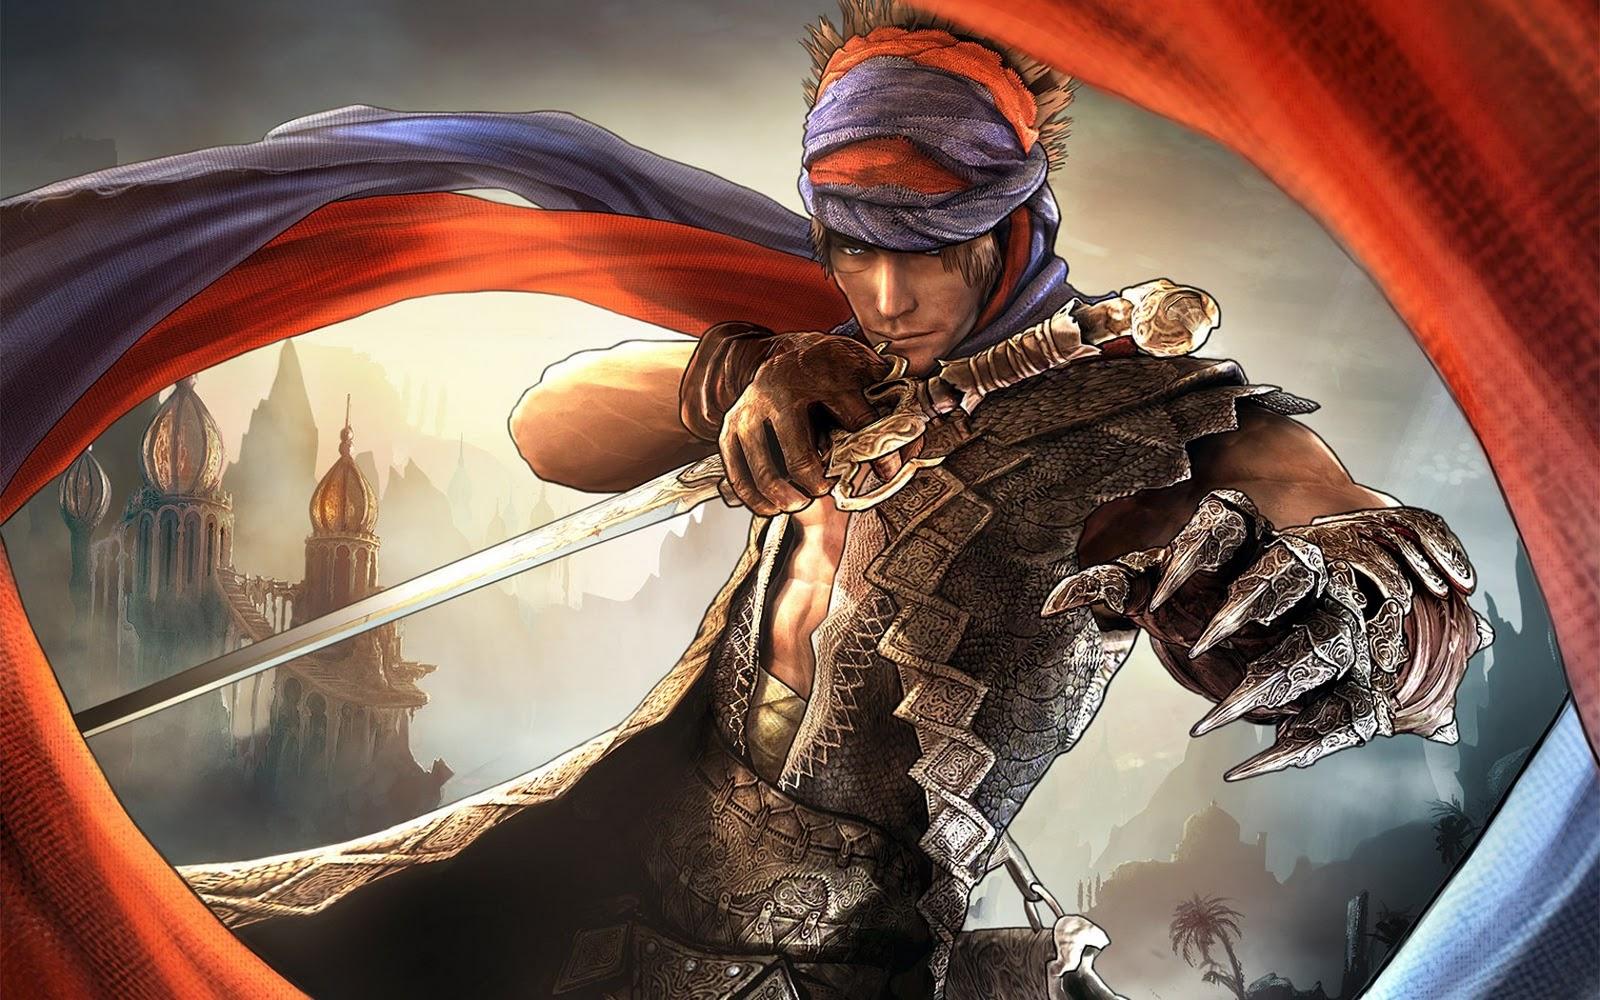 http://2.bp.blogspot.com/-1T_tN8wXQjg/TvX5qA4hLdI/AAAAAAAABpE/sEF1b746AE4/s1600/wallpaper_prince_of_persia_5345.jpg